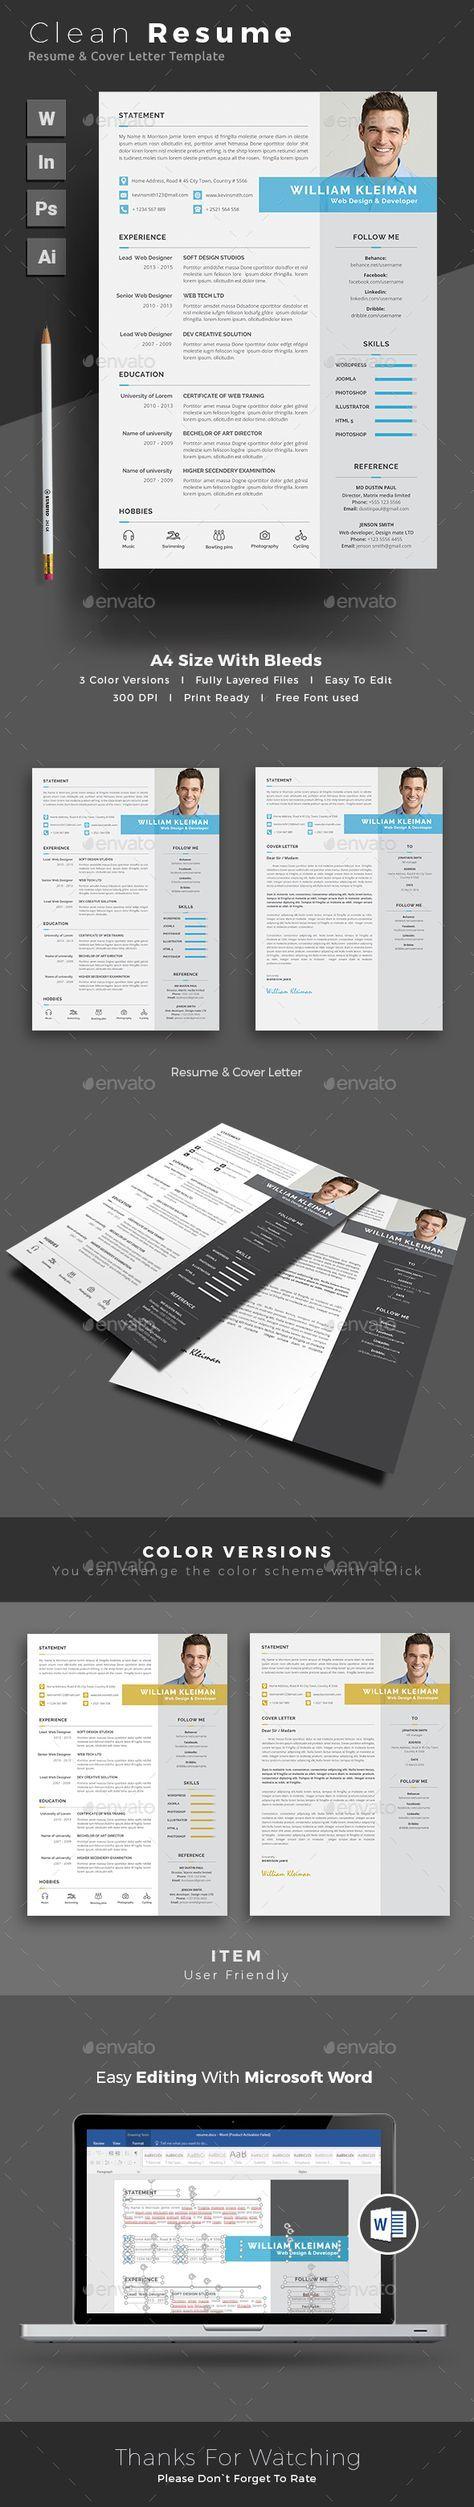 Resume 45 best Design cv images on